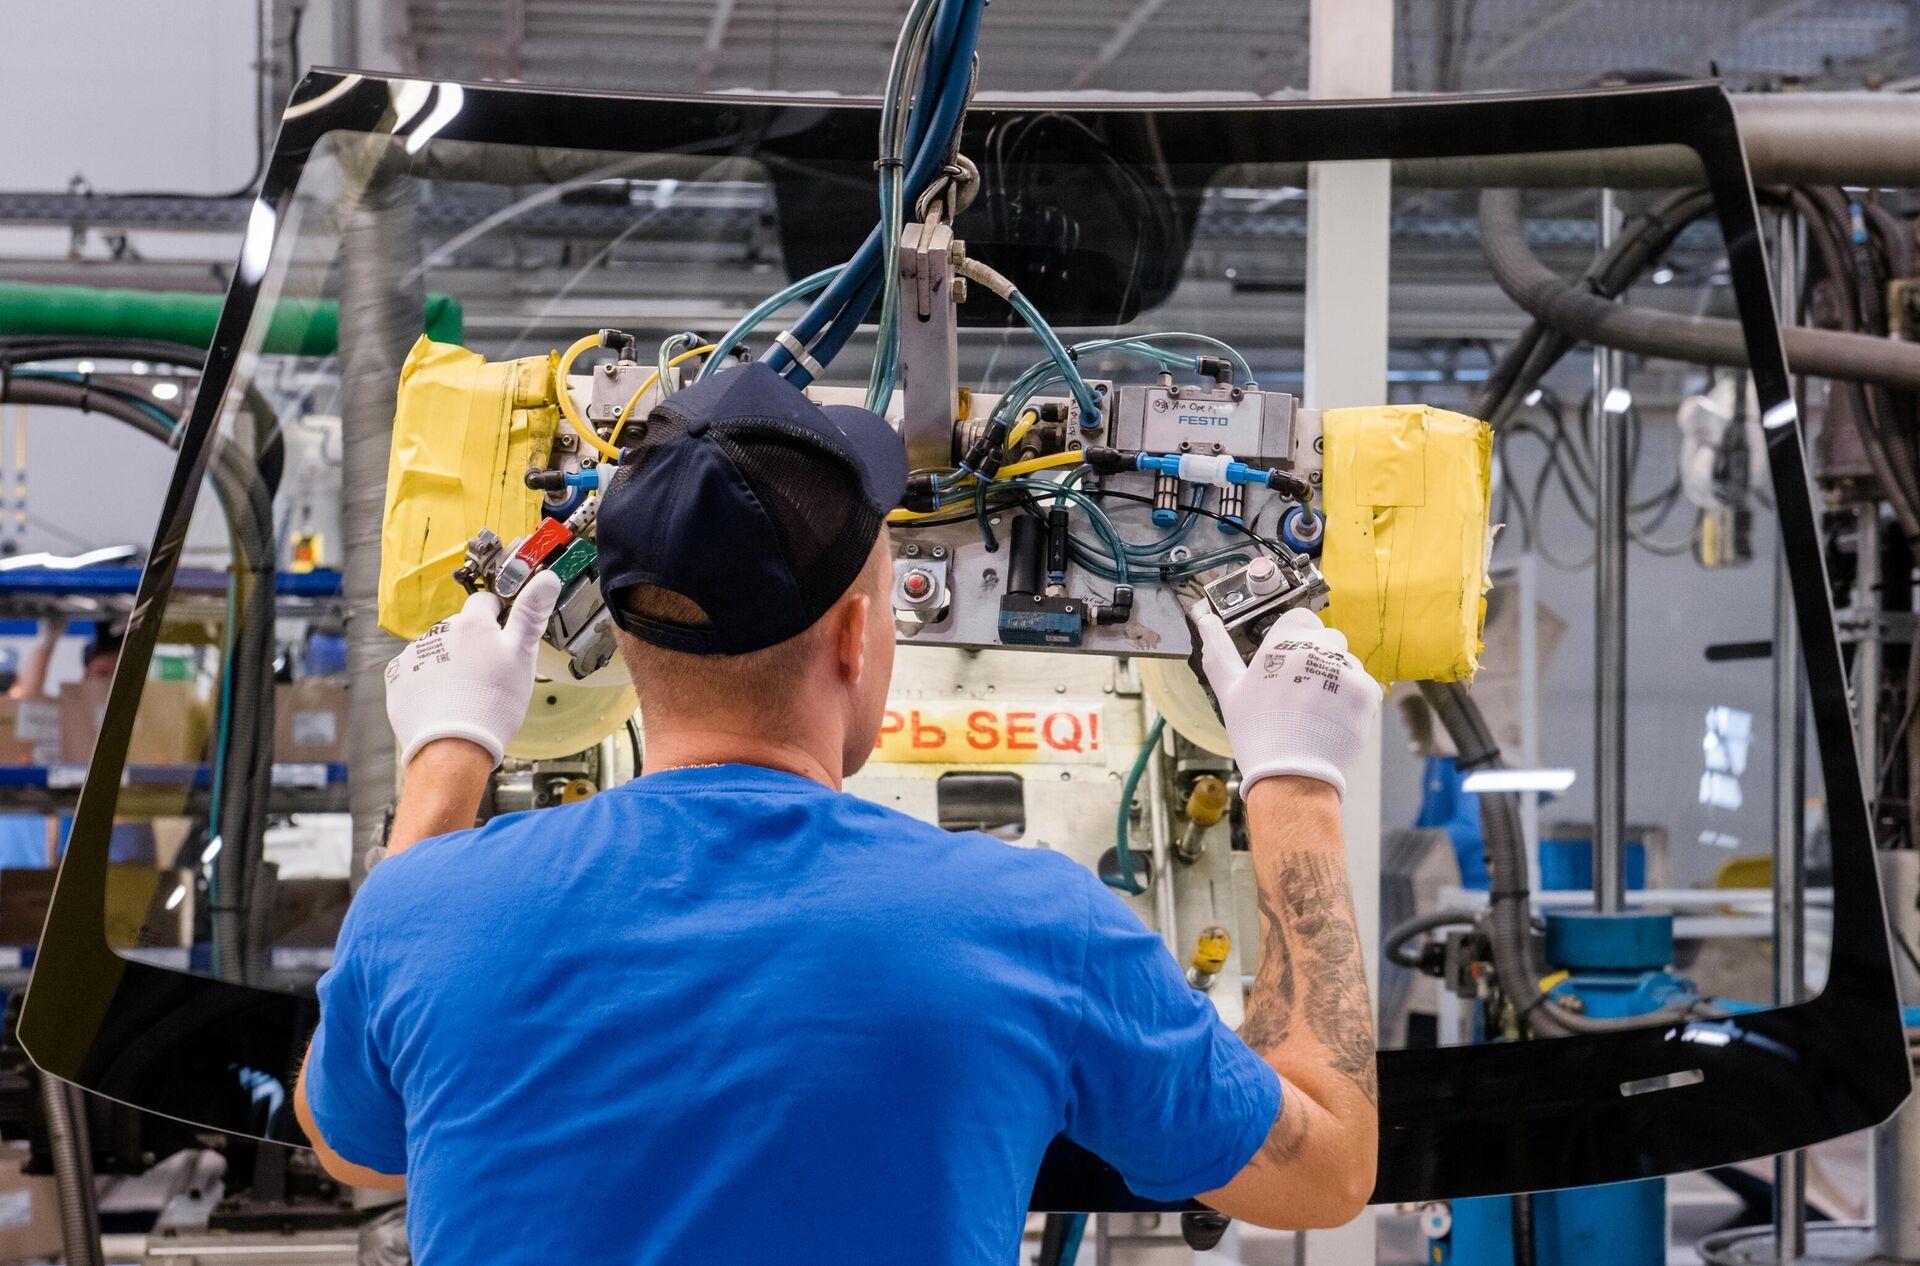 Рабочий устанавливают стекла в автомобиль на участке сборочного конвейера завода Hyundai Motor Manufacturing Rus в Санкт-Петербурге - РИА Новости, 1920, 12.04.2021